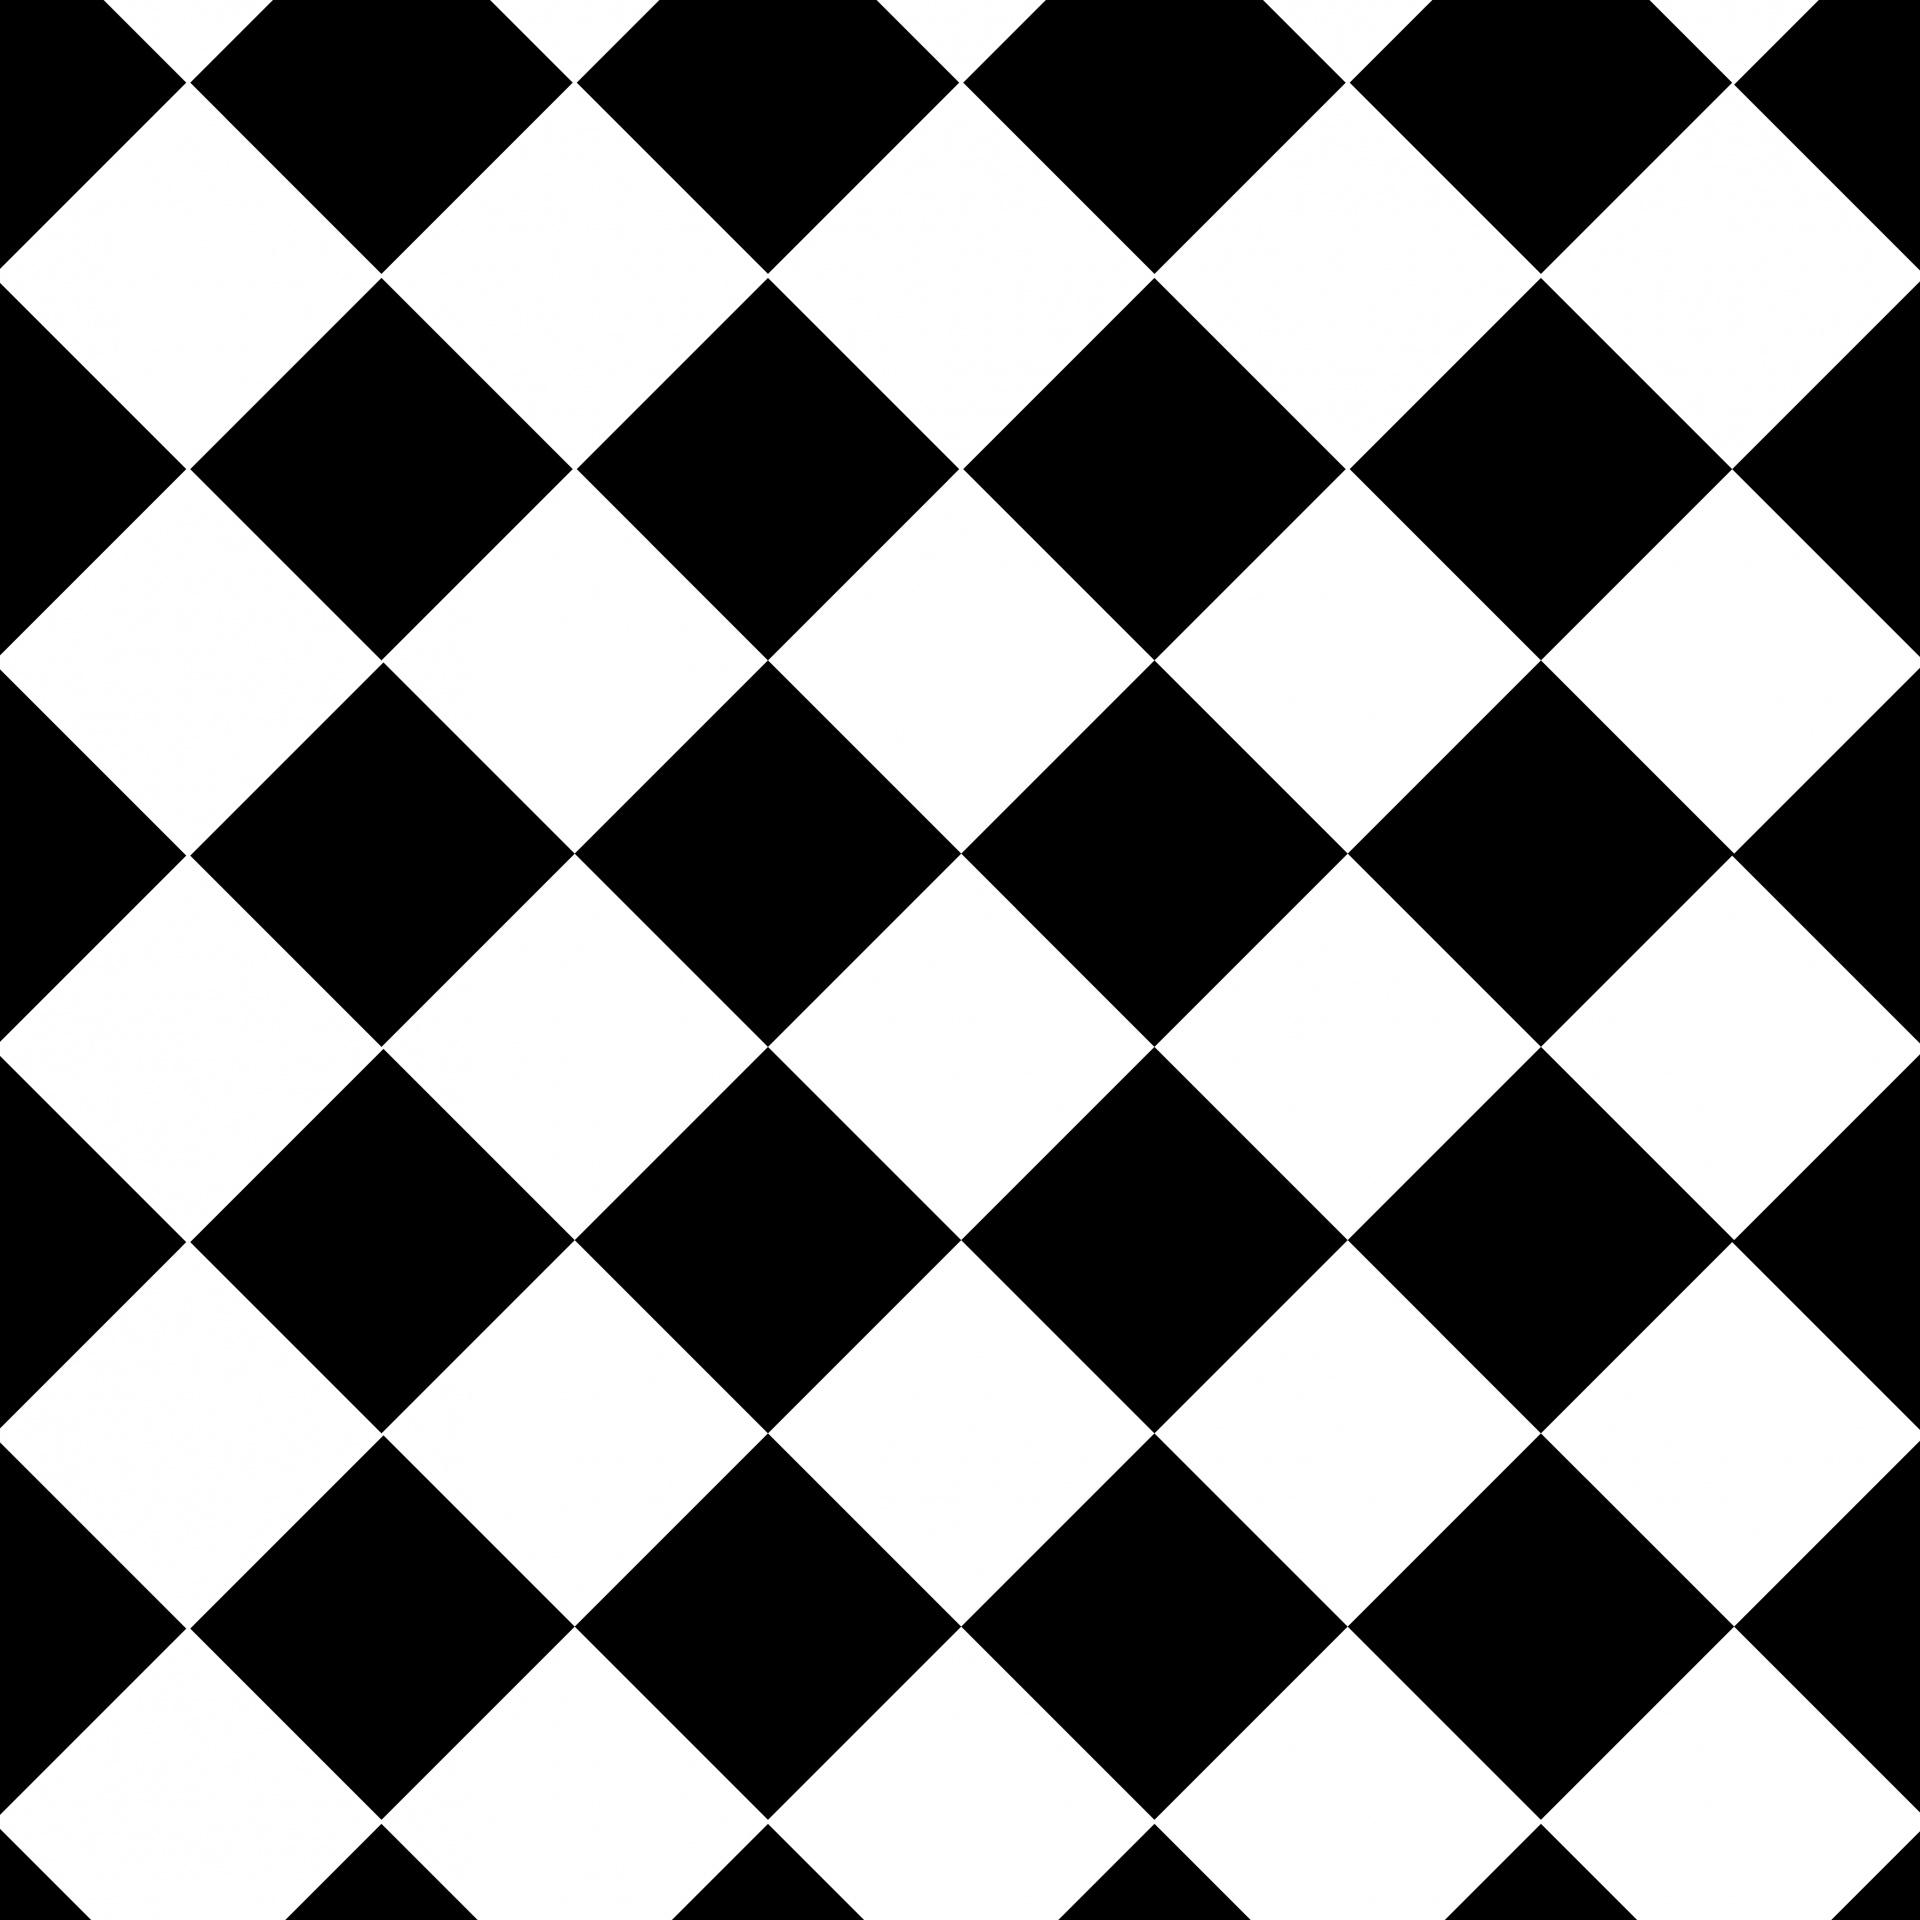 Tiletilestilingwallpaperpaper Free Image From Needpixcom